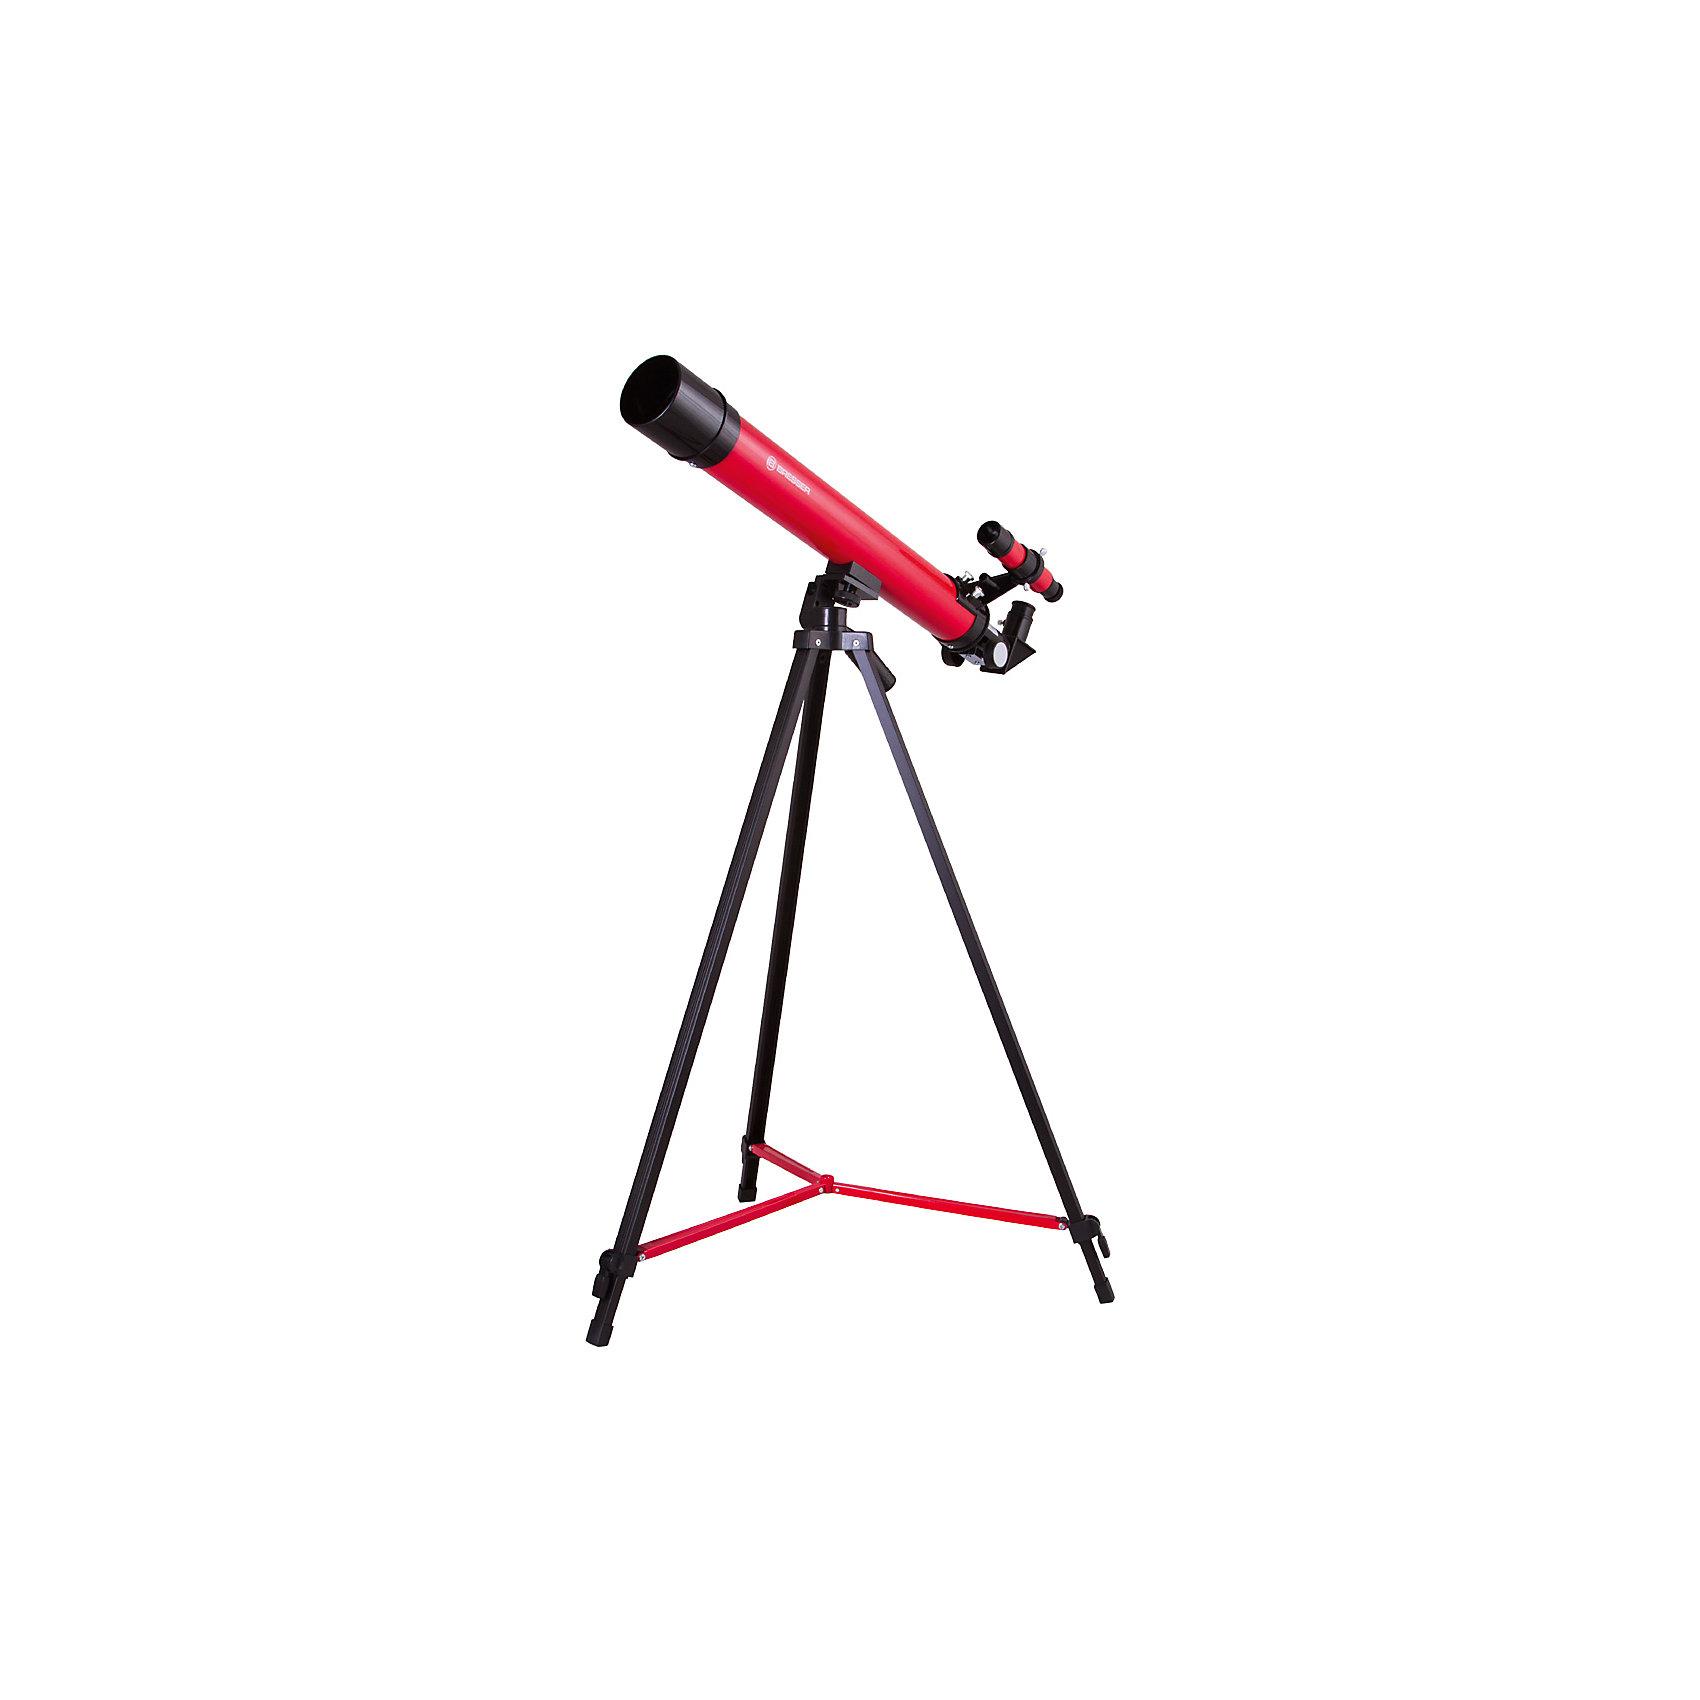 Телескоп Bresser Junior Space Explorer 45/600, красныйТелескопы<br>Характеристики товара:<br><br>• материал: металл, пластик<br>• увеличение: до 100 крат<br>• диаметр объектива (апертура): 45 мм<br>• окуляры в комплекте: SR-6 мм и SR-12 мм, оборачивающий окуляр 1,5х<br>• искатель оптический: 6х30<br>• регулируемая алюминиевая тренога<br>• тип управления телескопом: ручной<br>• тип монтировки: азимутальная<br>• вес: 1,1 кг<br>• размер упаковки: 23х77х12 см<br>• комплектация: телескоп, окуляры, зеркало, тренога, карта<br>• страна бренда: Германия<br><br>Телескоп - это отличный способ заинтересовать ребенка наблюдениями за небесными телами и привить ему интерес к учебе. Эта модель была разработана специально для детей - он позволяет увеличивать предметы из космоса и изучать их. Благодаря легкому и прочному корпусу телескоп удобно брать с собой!<br><br>Оптические приборы от немецкой компании Bresser уже успели зарекомендовать себя как качественная и надежная продукция. Для их производства используются только безопасные и проверенные материалы. Такой прибор способен прослужить долго. Подарите ребенку интересную и полезную вещь!<br><br>Телескоп Bresser Junior Space Explorer 45/600, красный, от известного бренда Bresser (Брессер) можно купить в нашем интернет-магазине.<br><br>Ширина мм: 770<br>Глубина мм: 230<br>Высота мм: 125<br>Вес г: 2210<br>Возраст от месяцев: 60<br>Возраст до месяцев: 2147483647<br>Пол: Унисекс<br>Возраст: Детский<br>SKU: 5435327